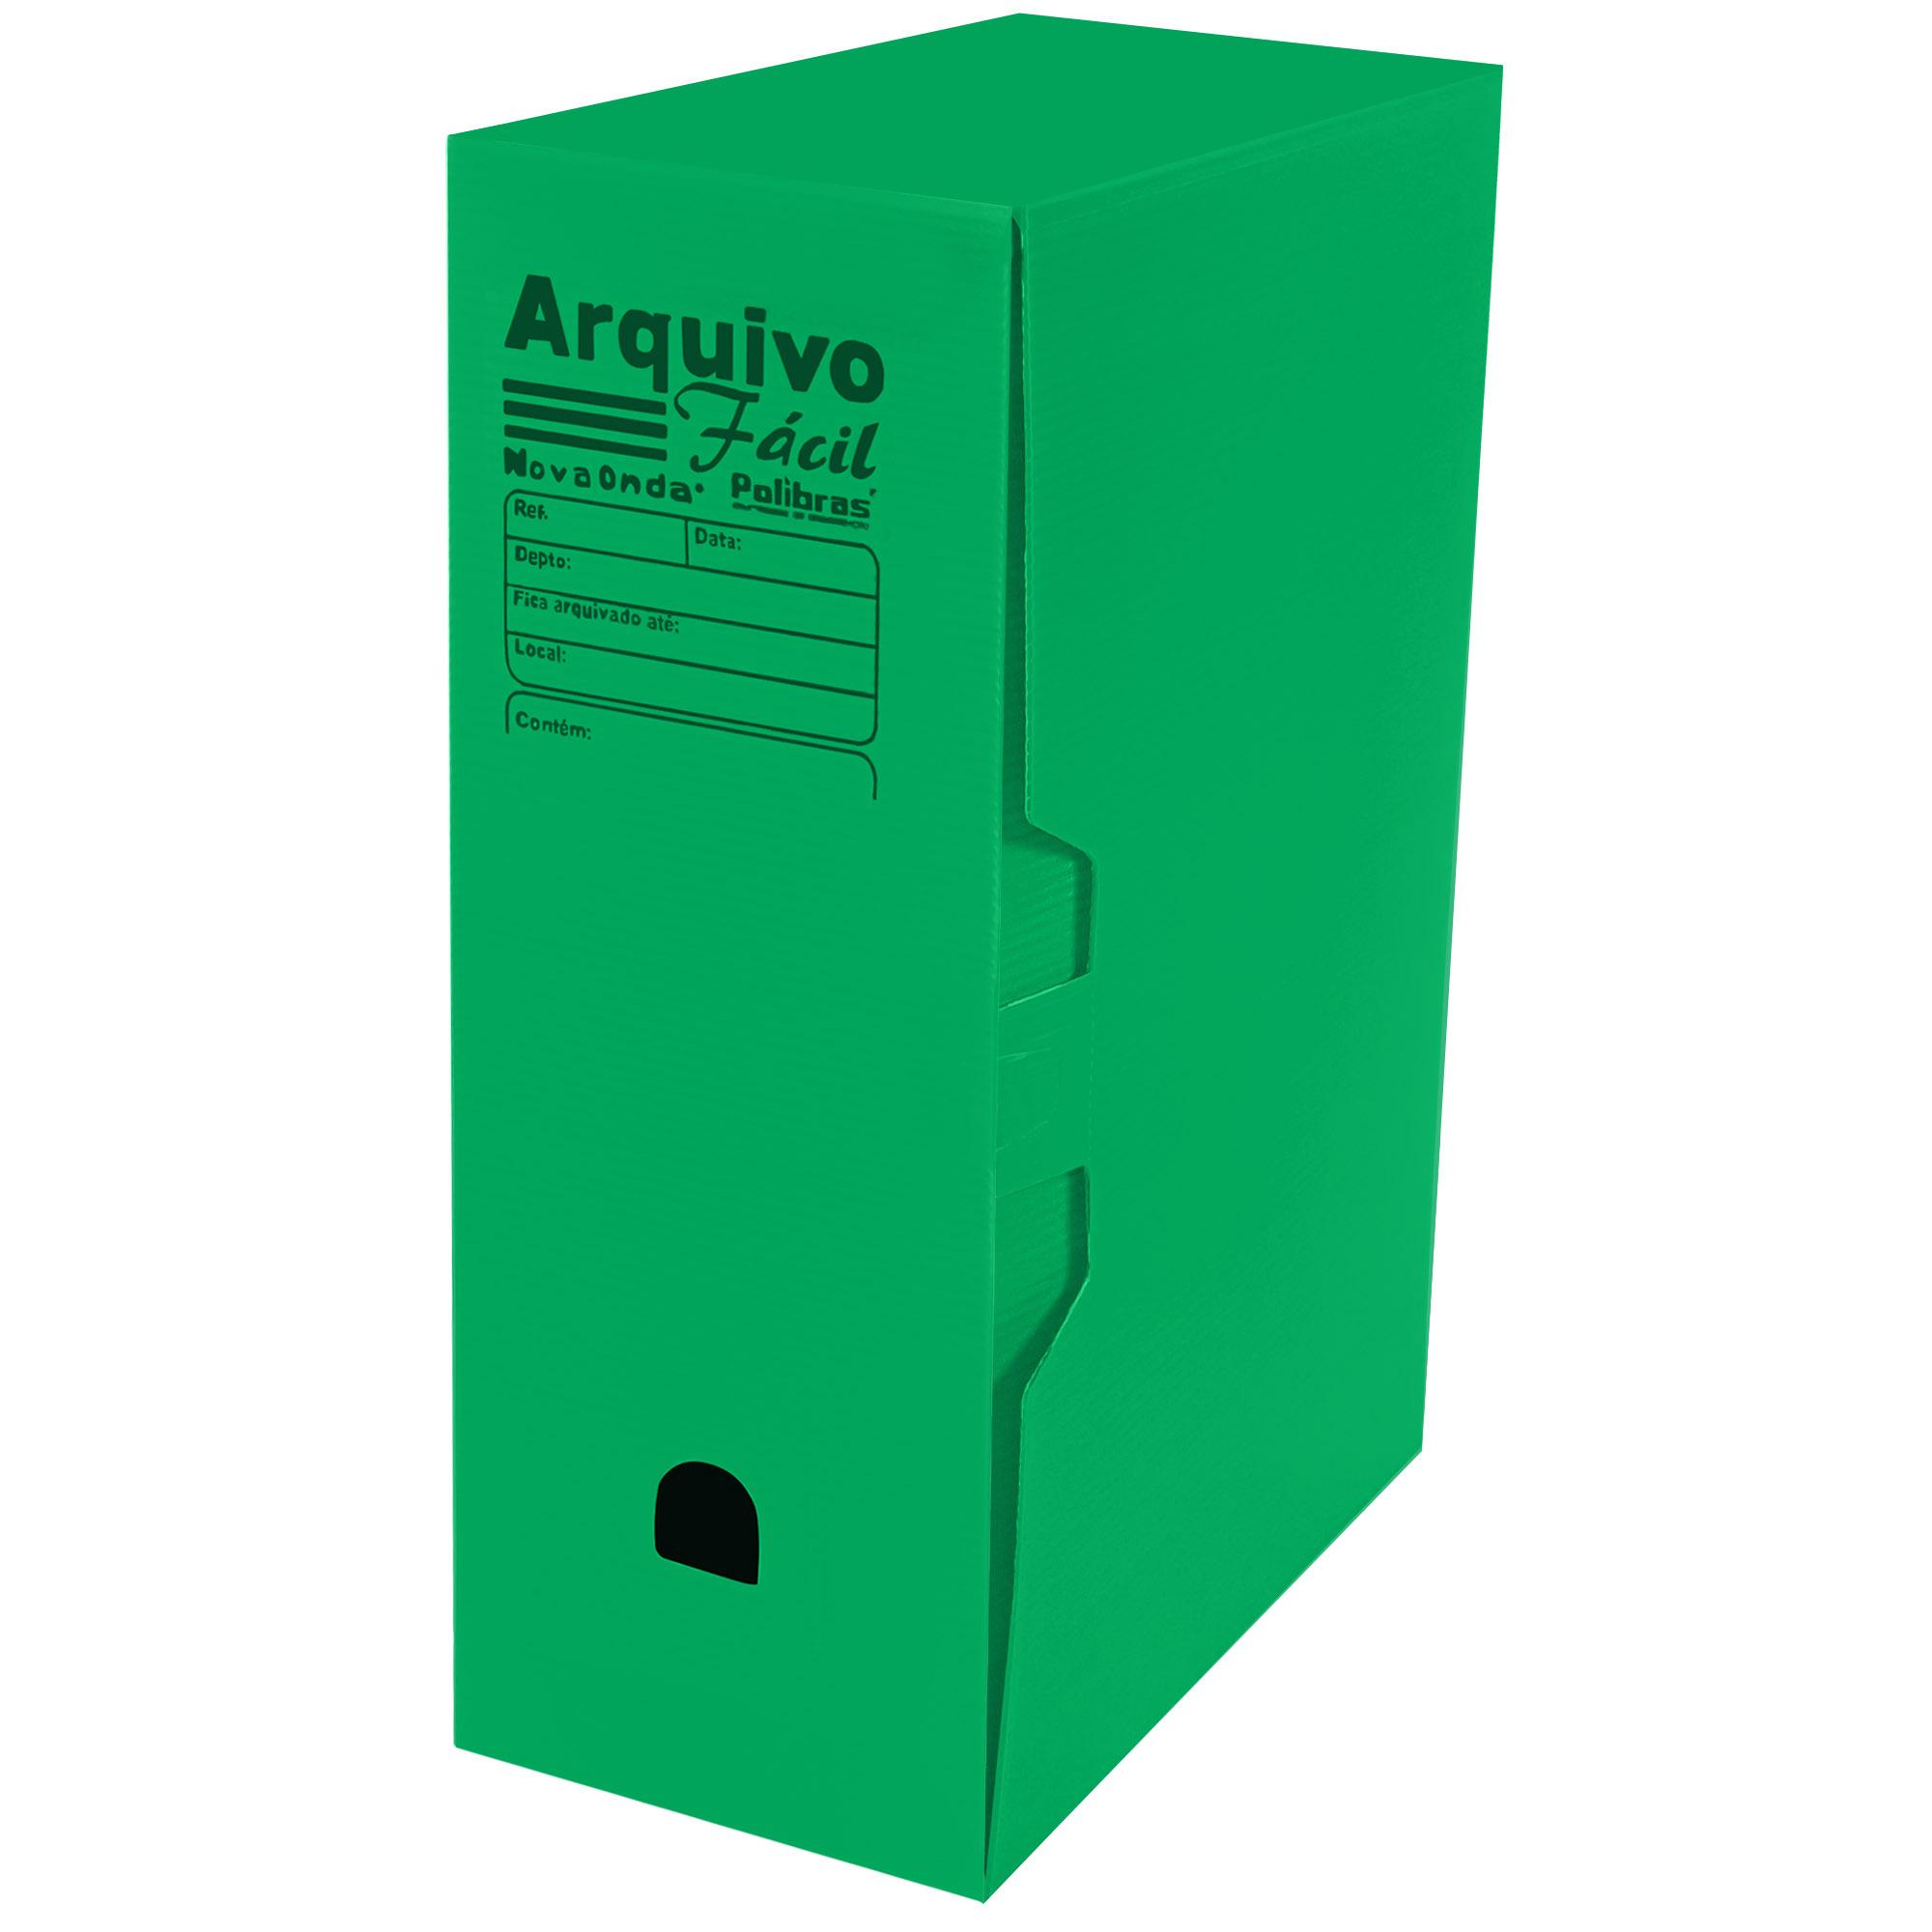 Caixa Arquivo Morto Facil (250x130x350) Cor Verde - Polibras